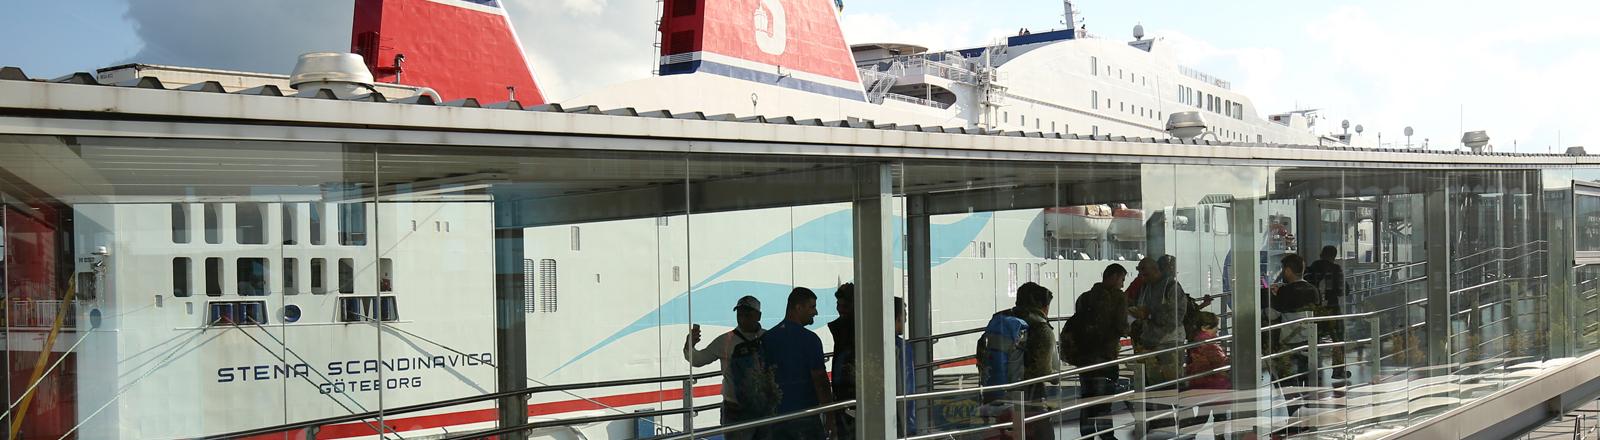 Flüchtlinge und andere Reisende gehen am 10.09.2015 am Schwedenkai in Kiel (Schleswig-Holstein) an Bord eines Fährschiffes der Stena-Line.